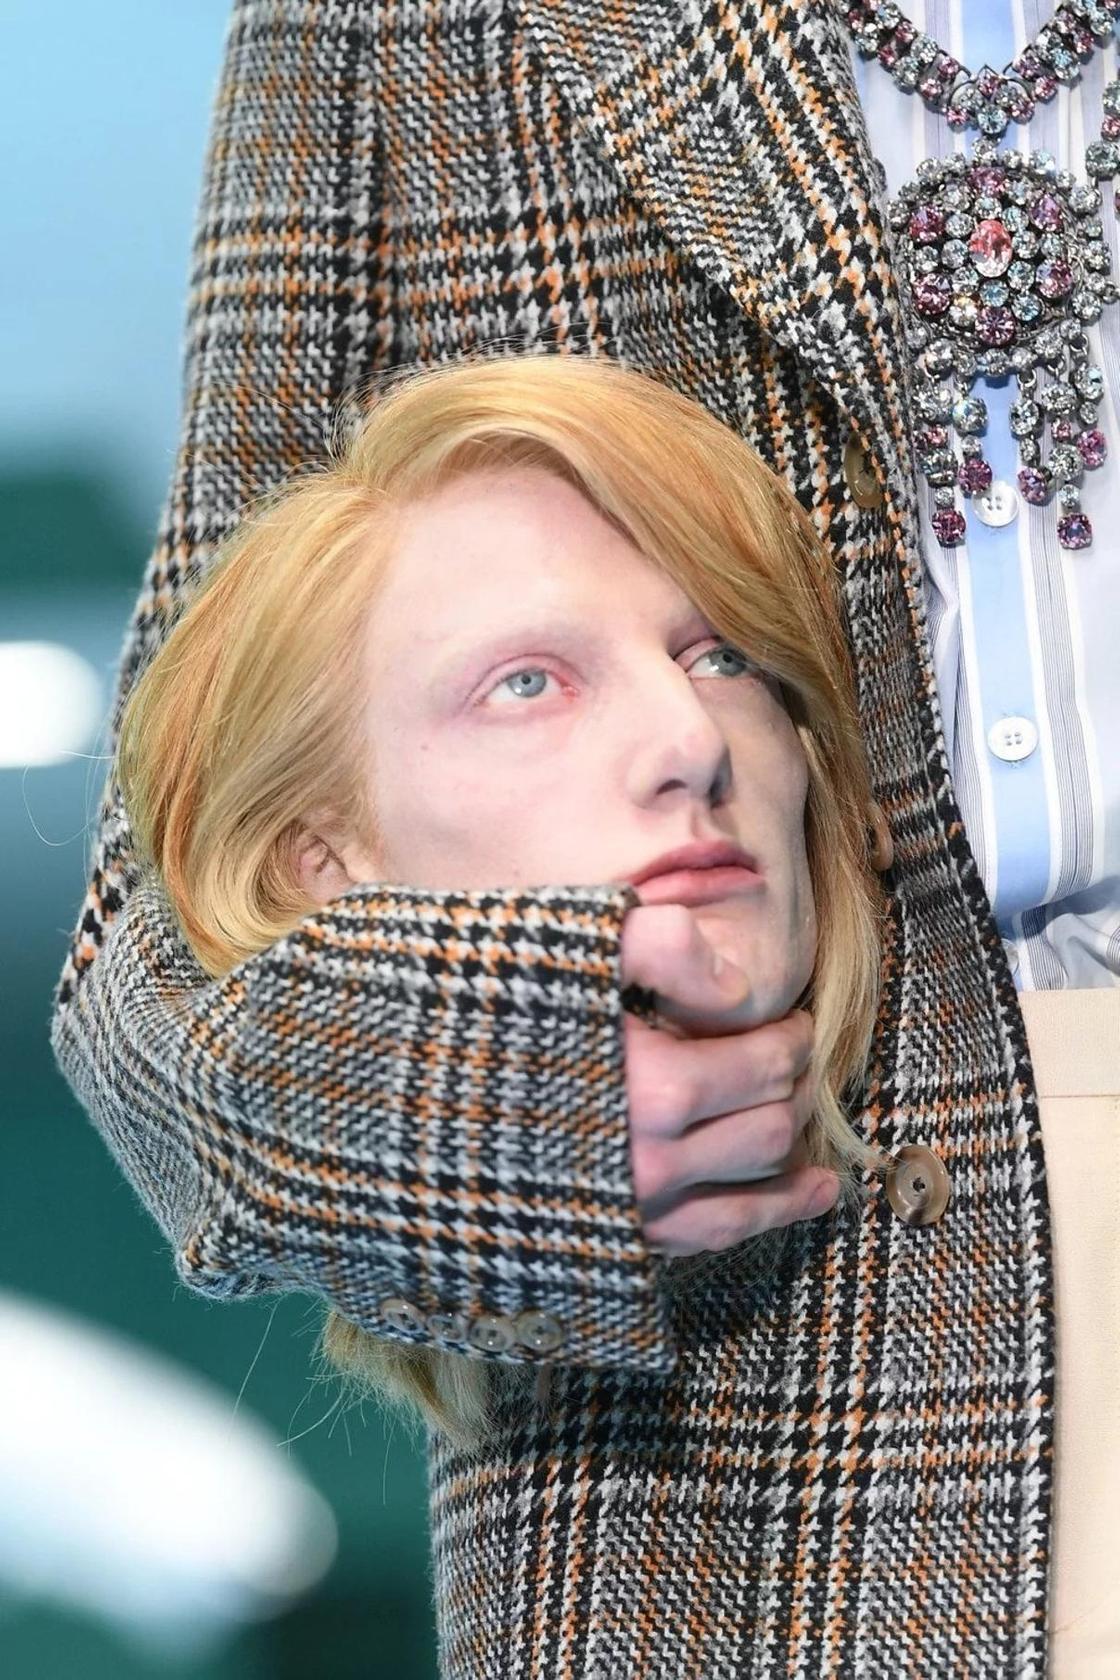 """Шокирующая мода: Лобковые парики и """"отрубленные"""" головы"""